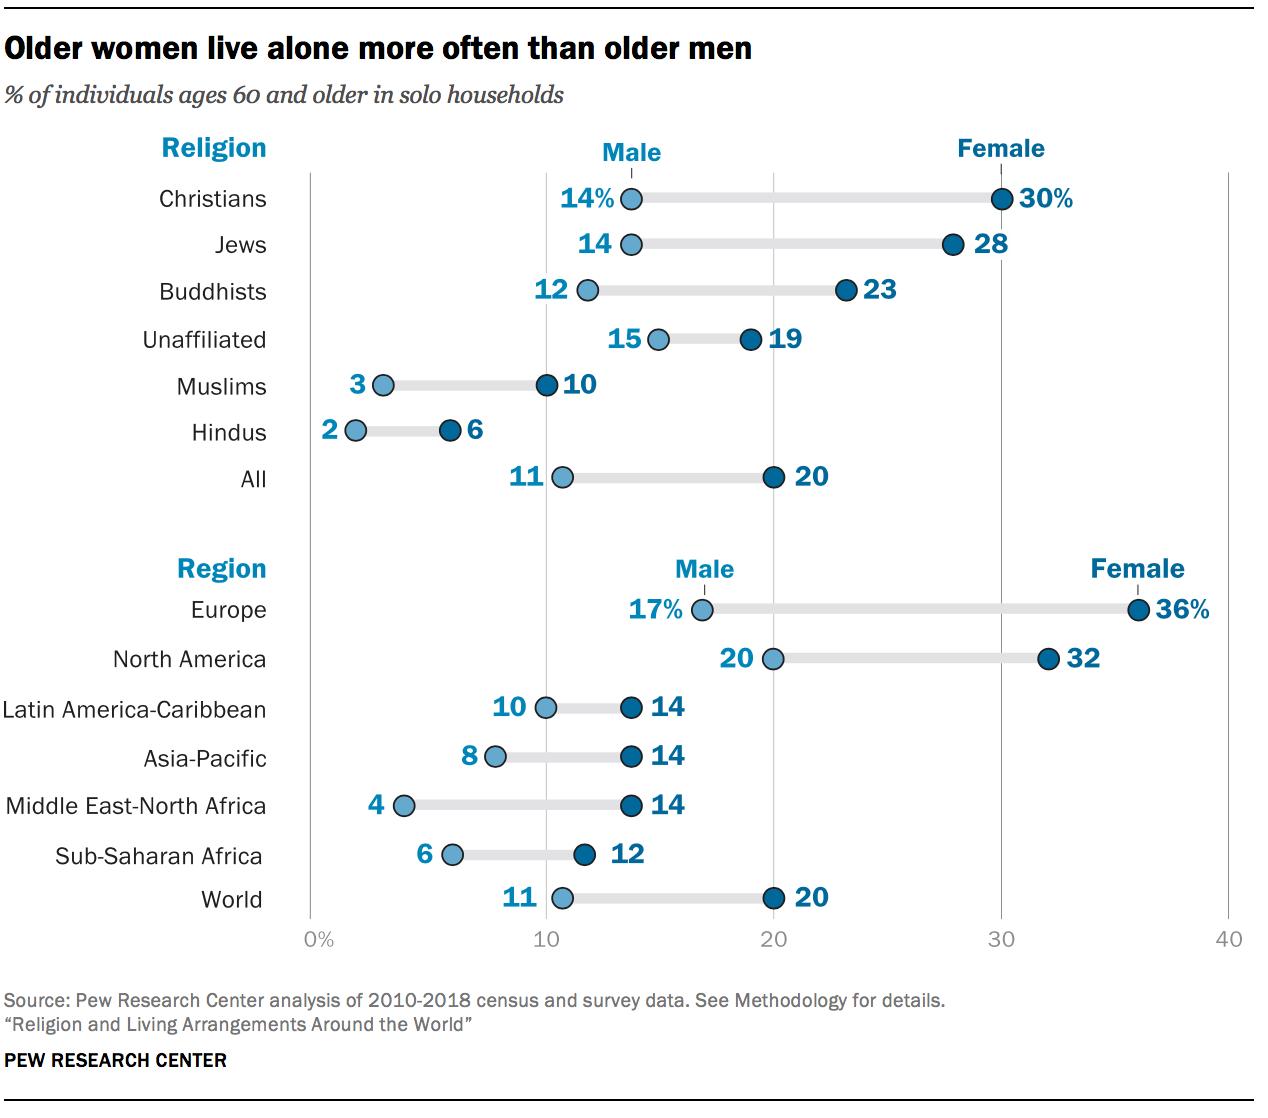 Older women live alone more often than older men